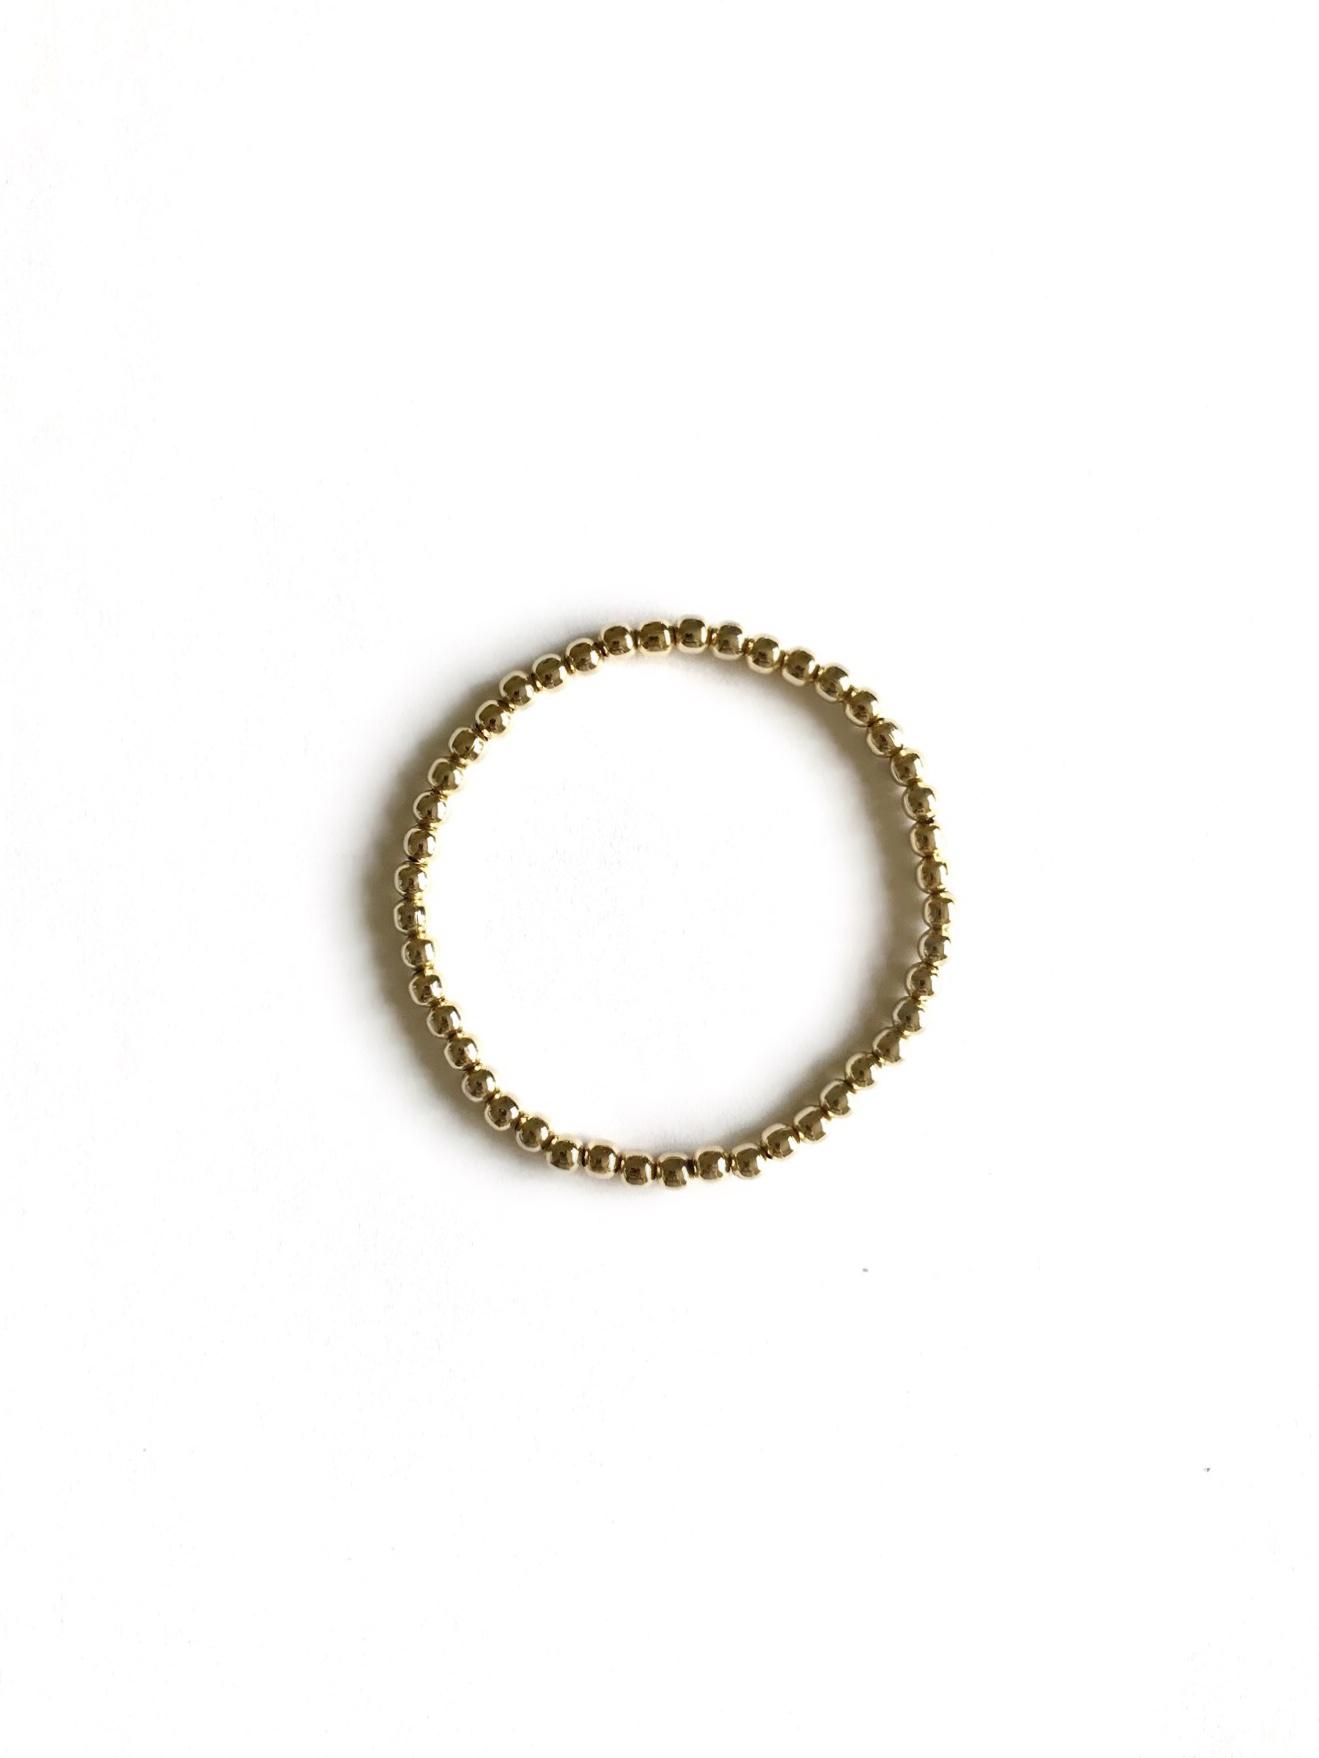 4mm Stacking Bracelet